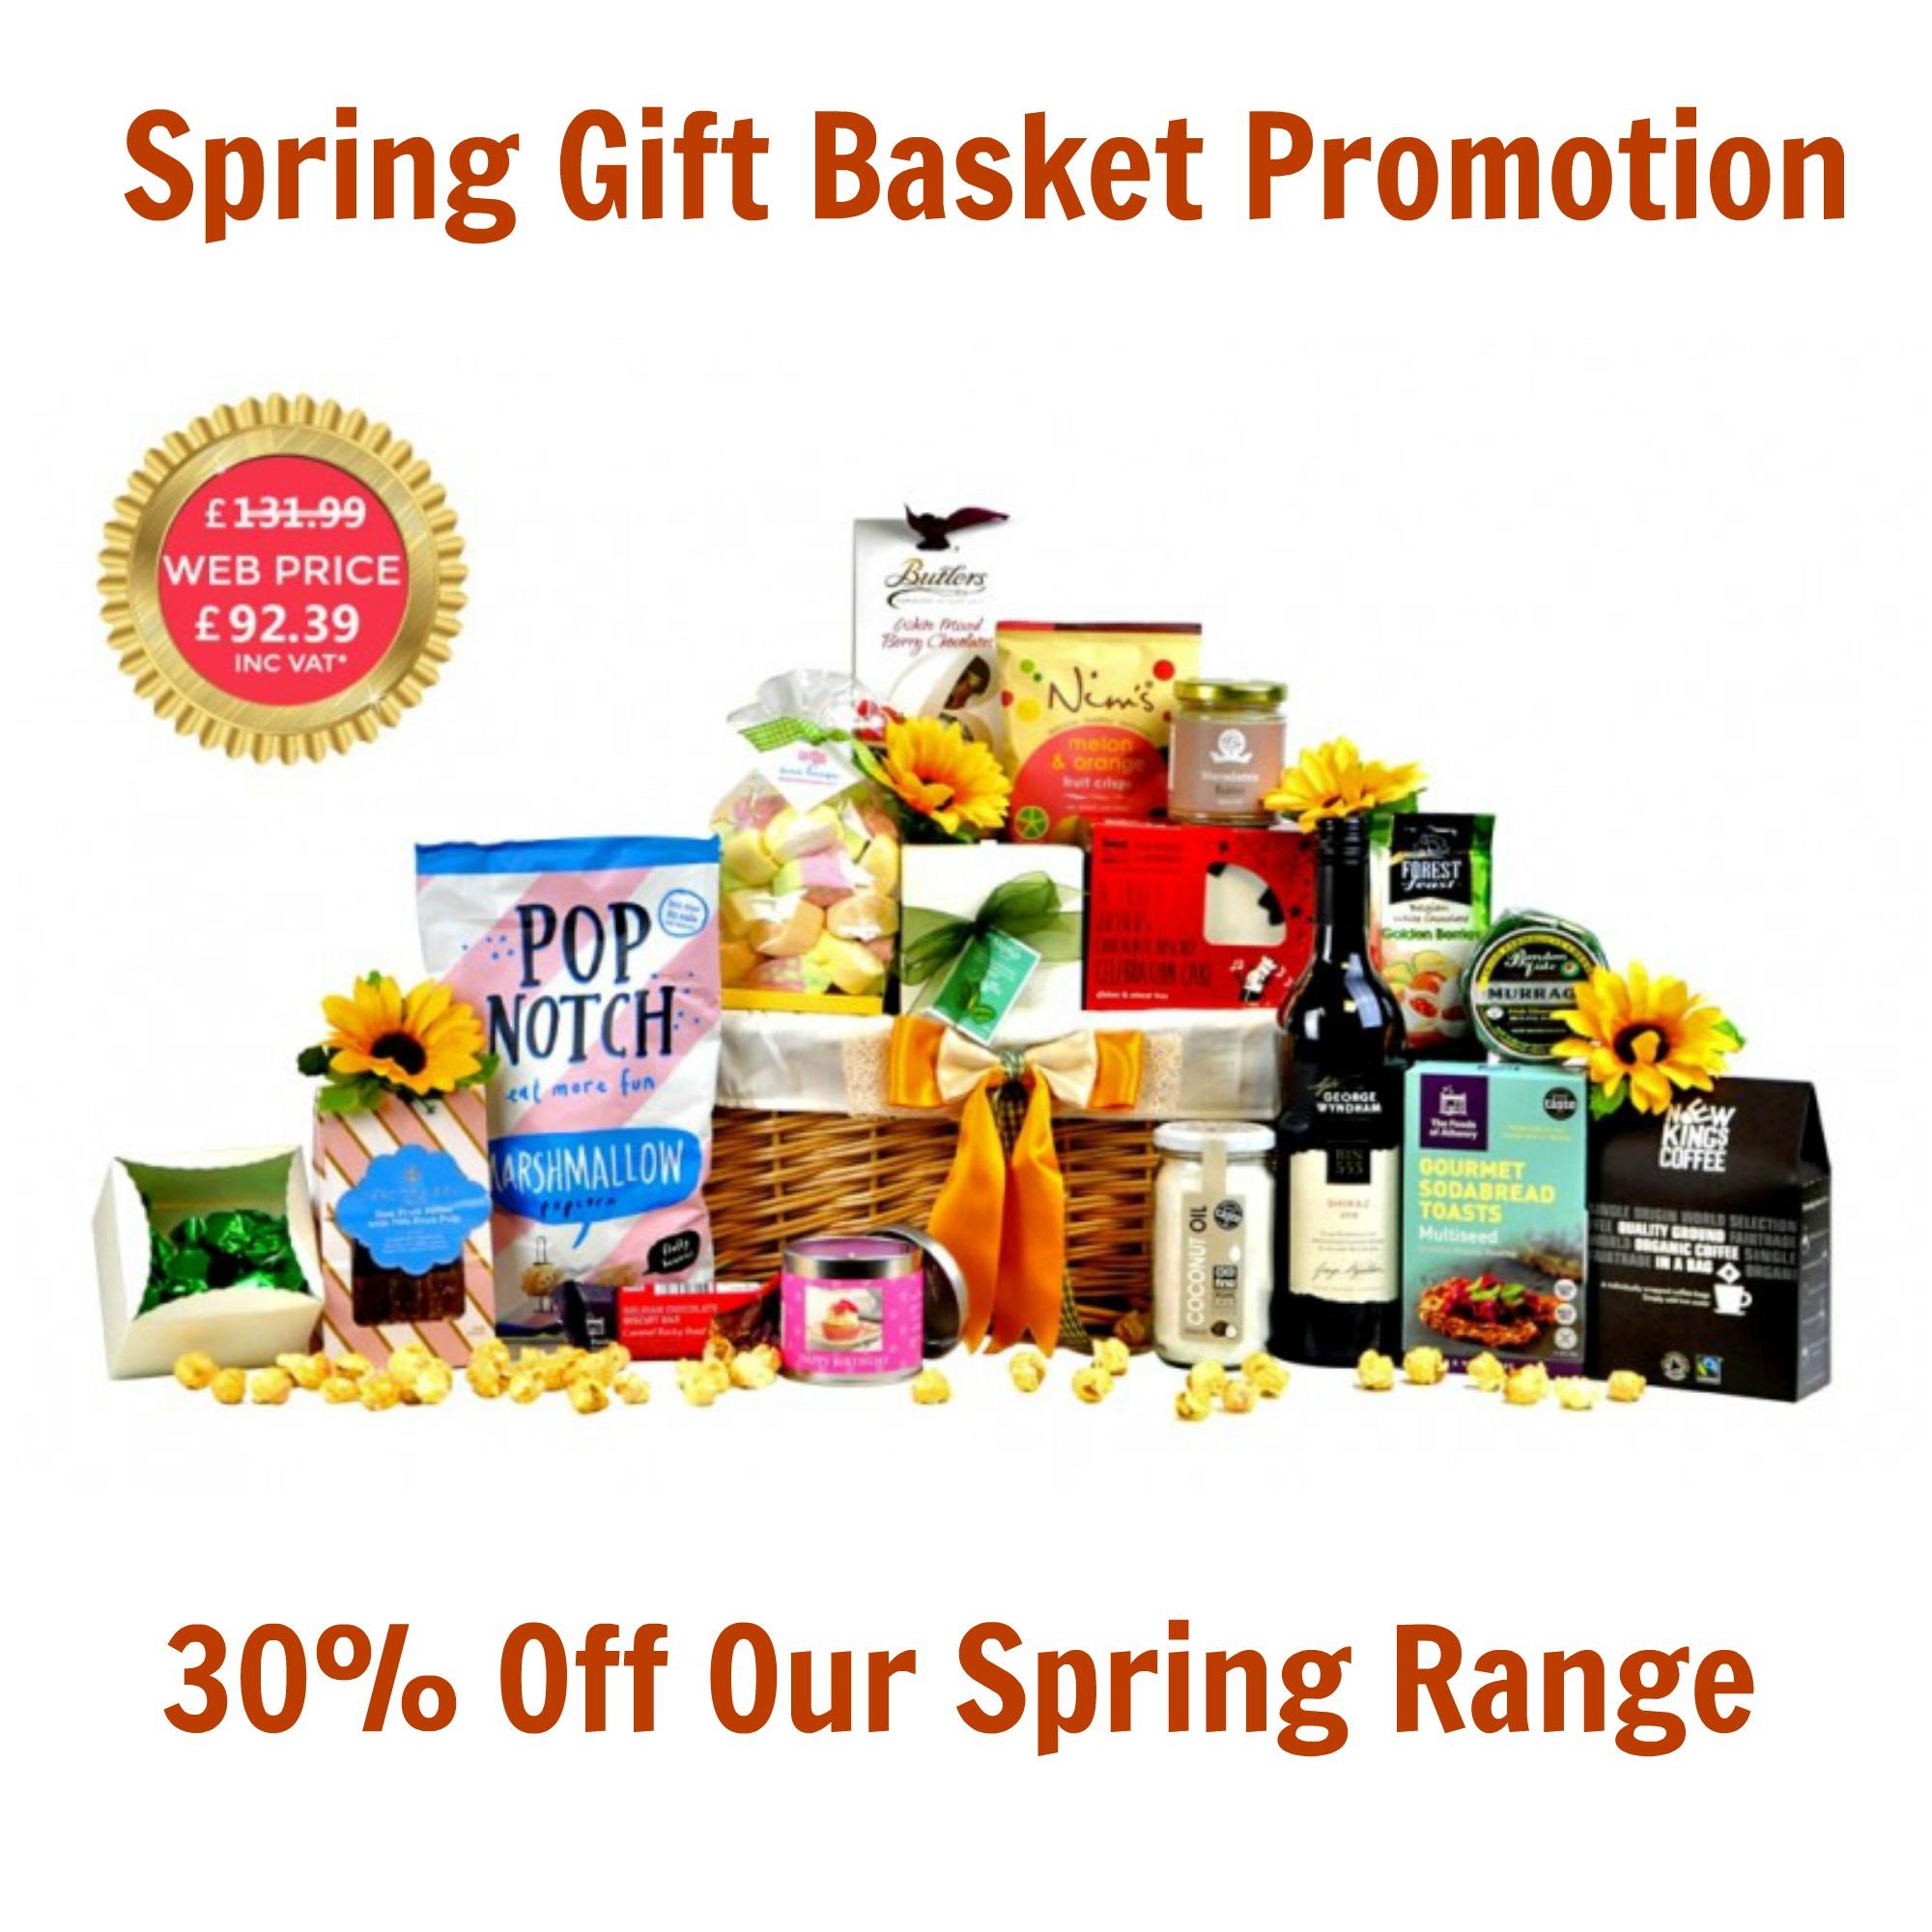 Spring Gift Basket: Special Offer 30% Off